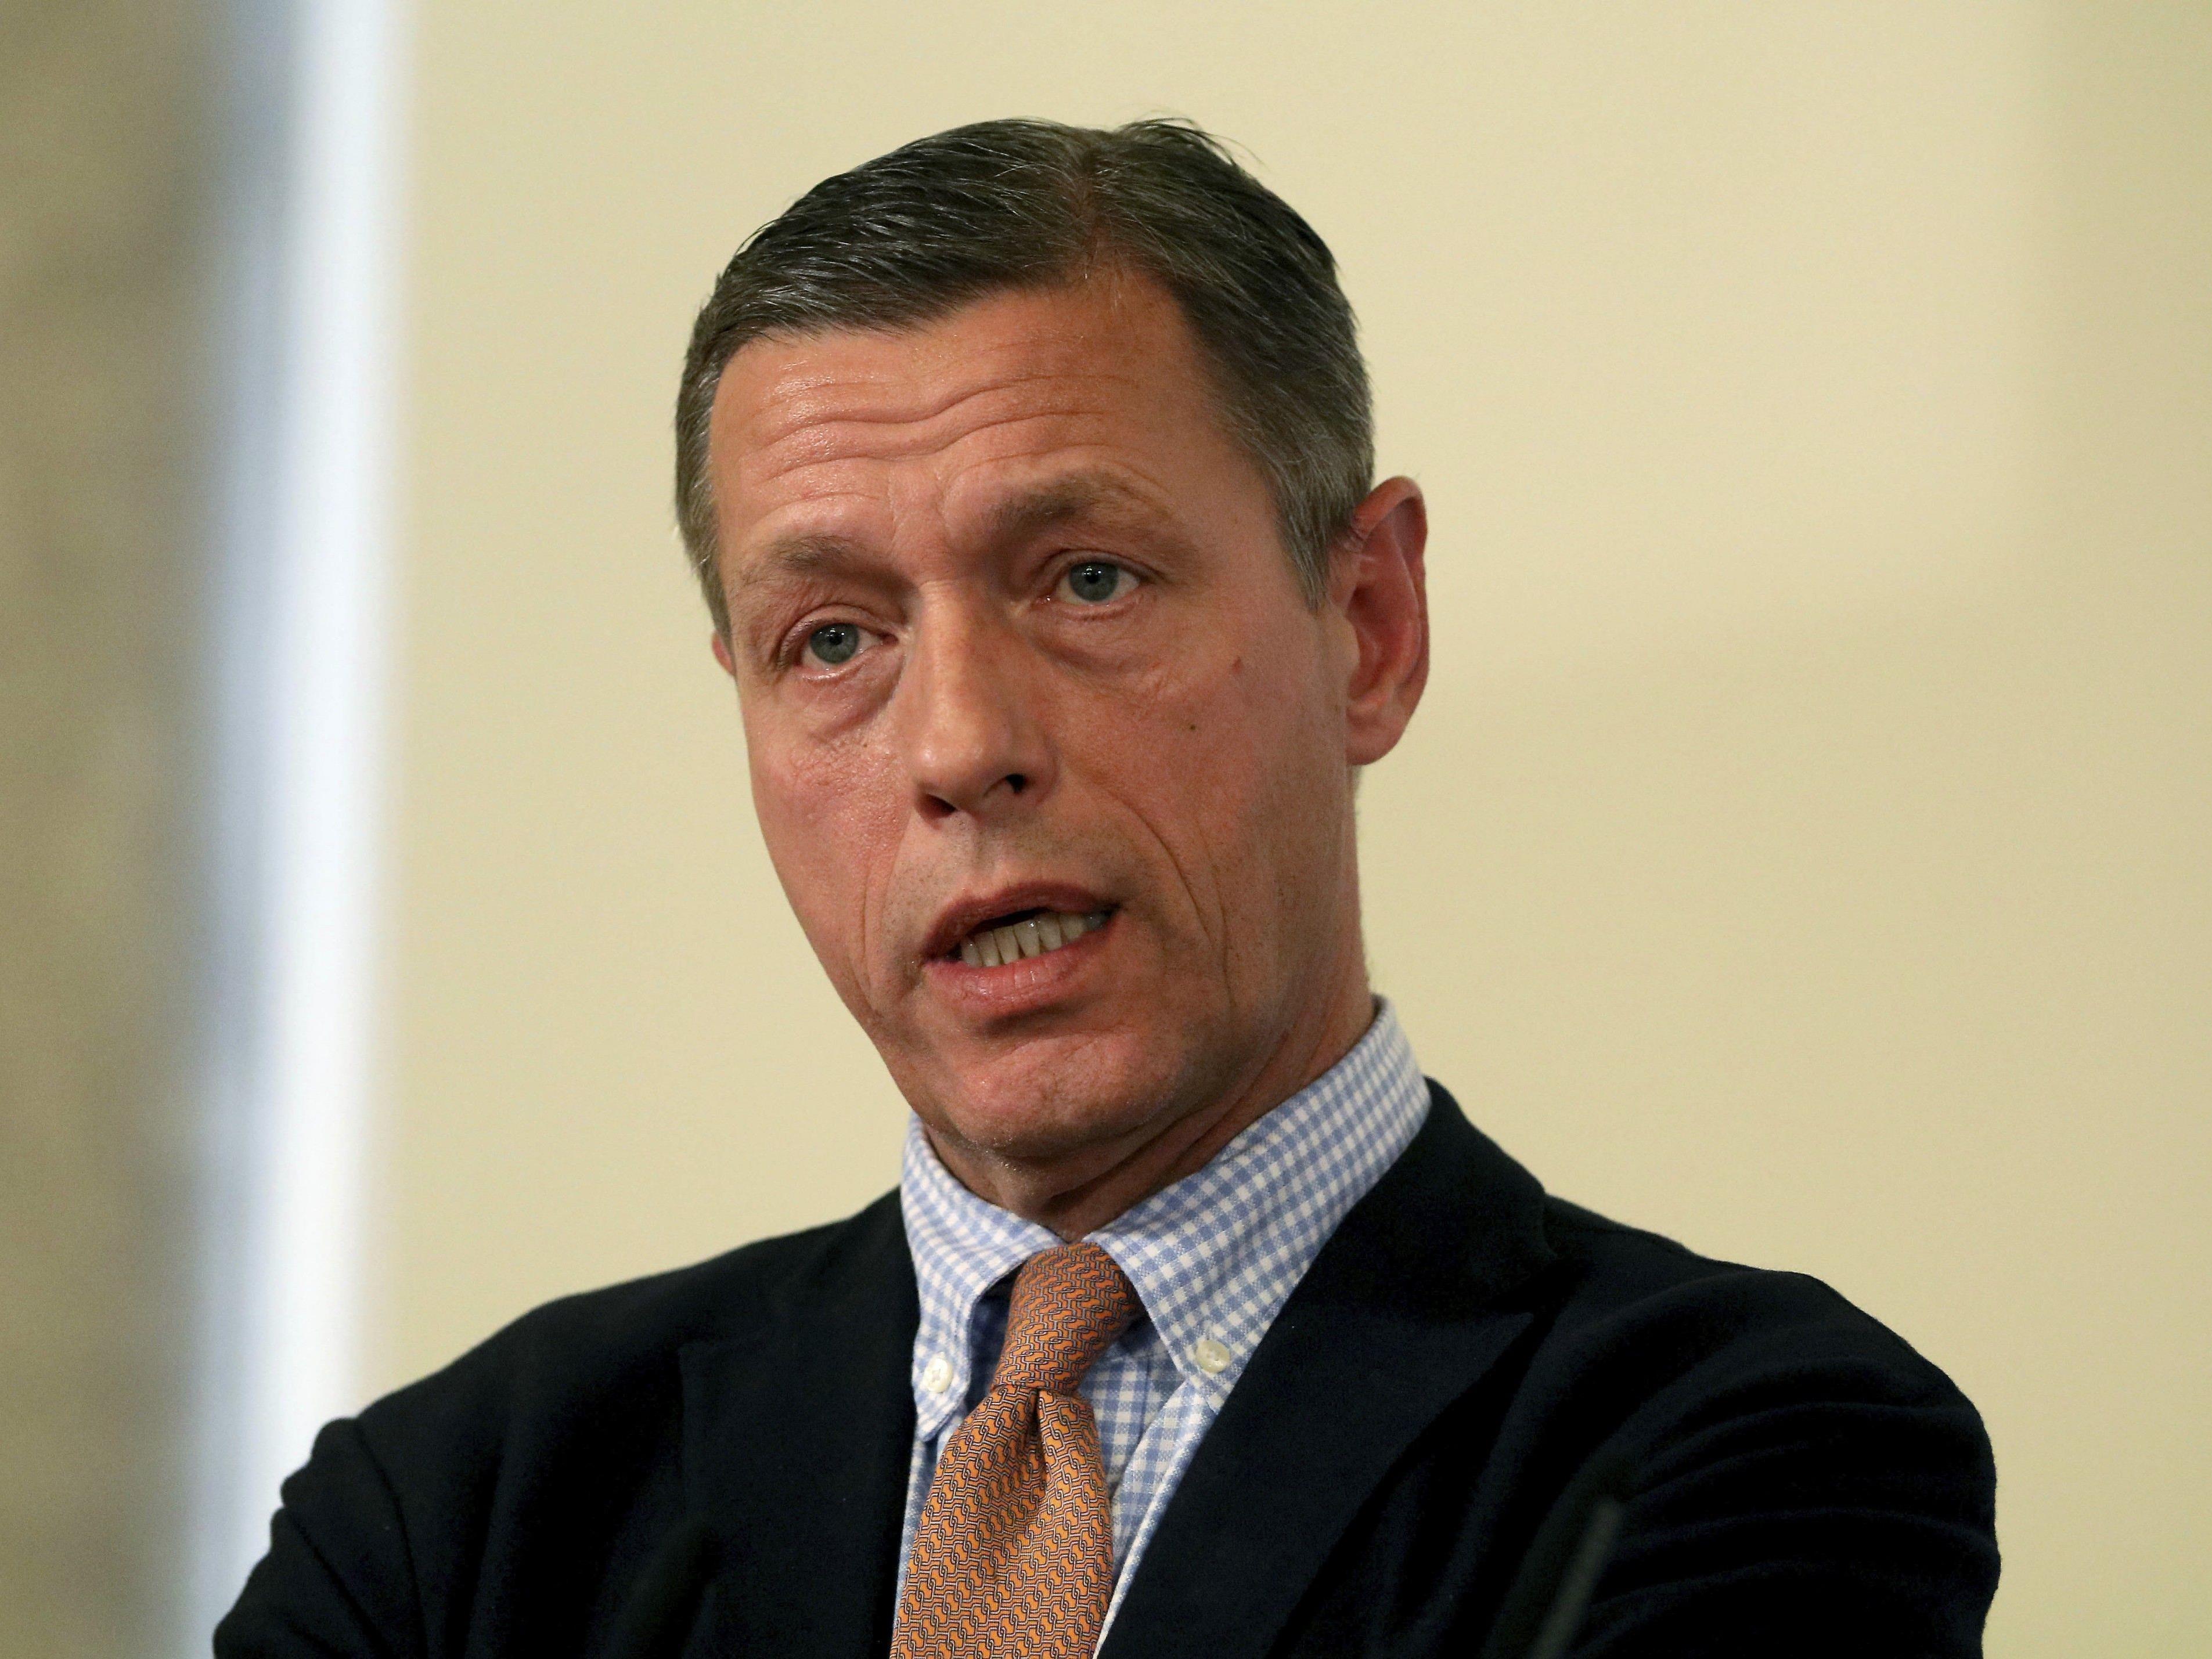 Christian Pilnacek, Leiter der Strafrechtssektion im Justizministerium, gehört zum Experten-Kreis